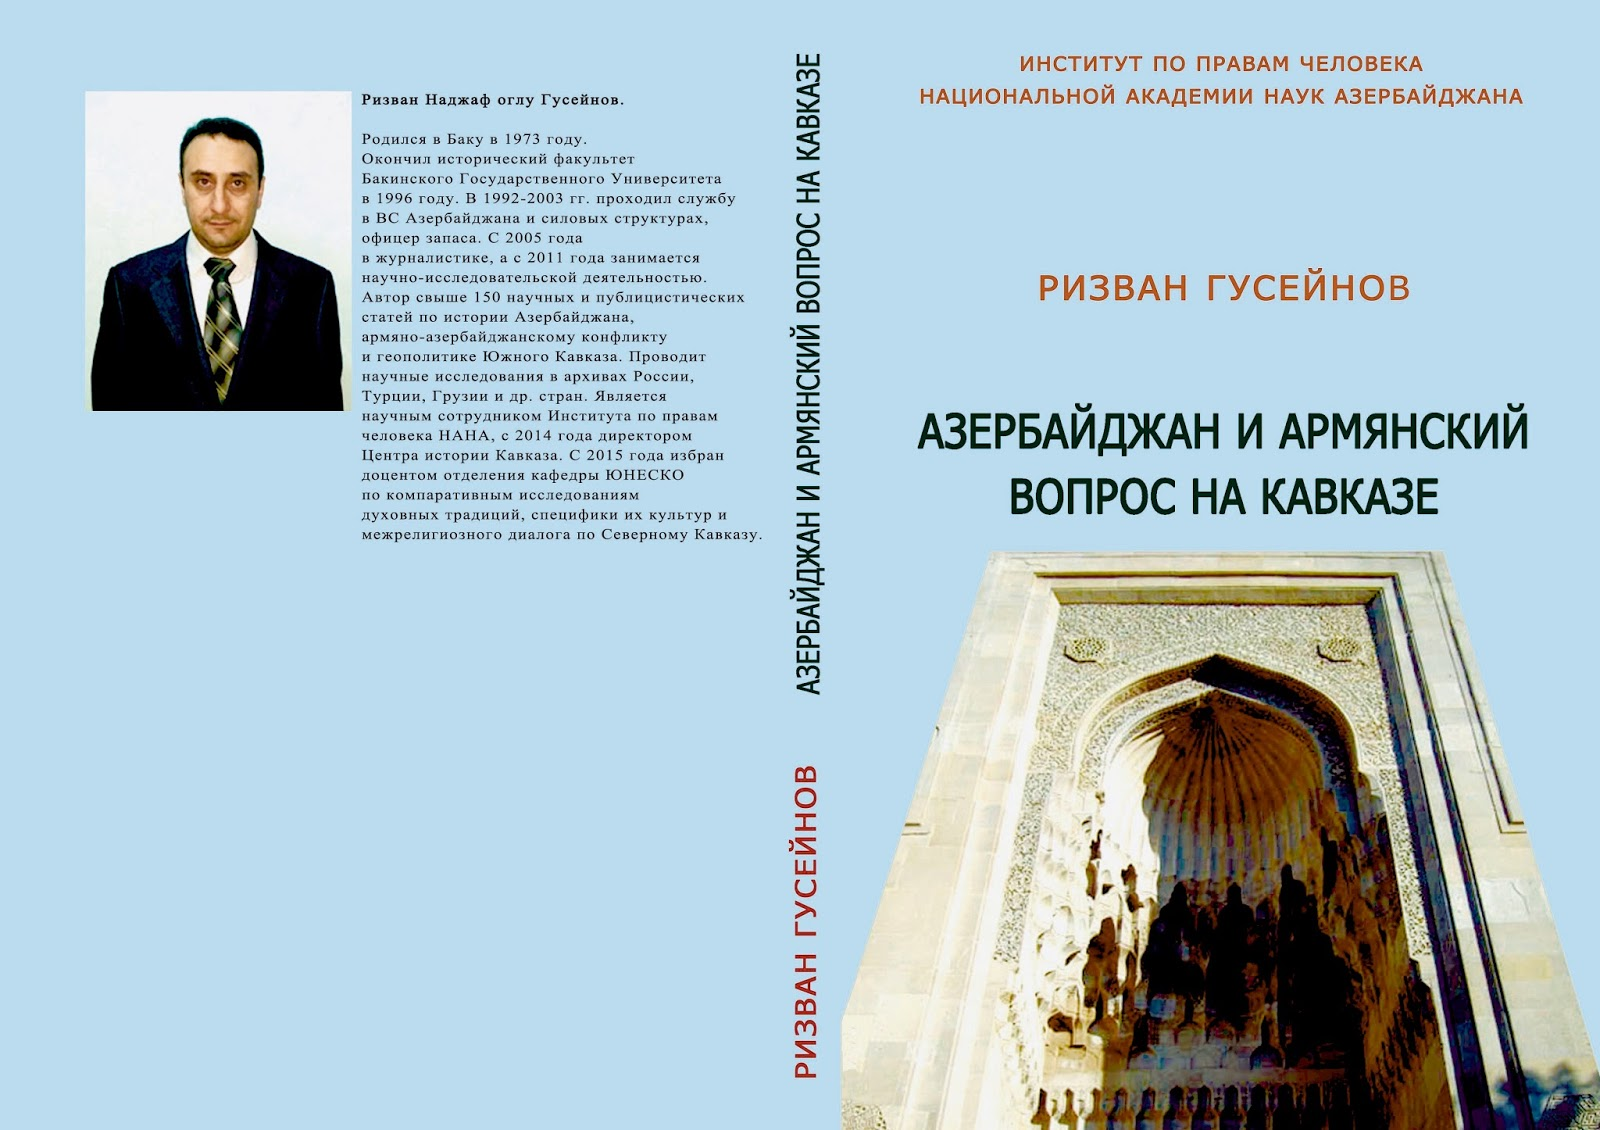 Азербайджан и армянский вопрос на Кавказе